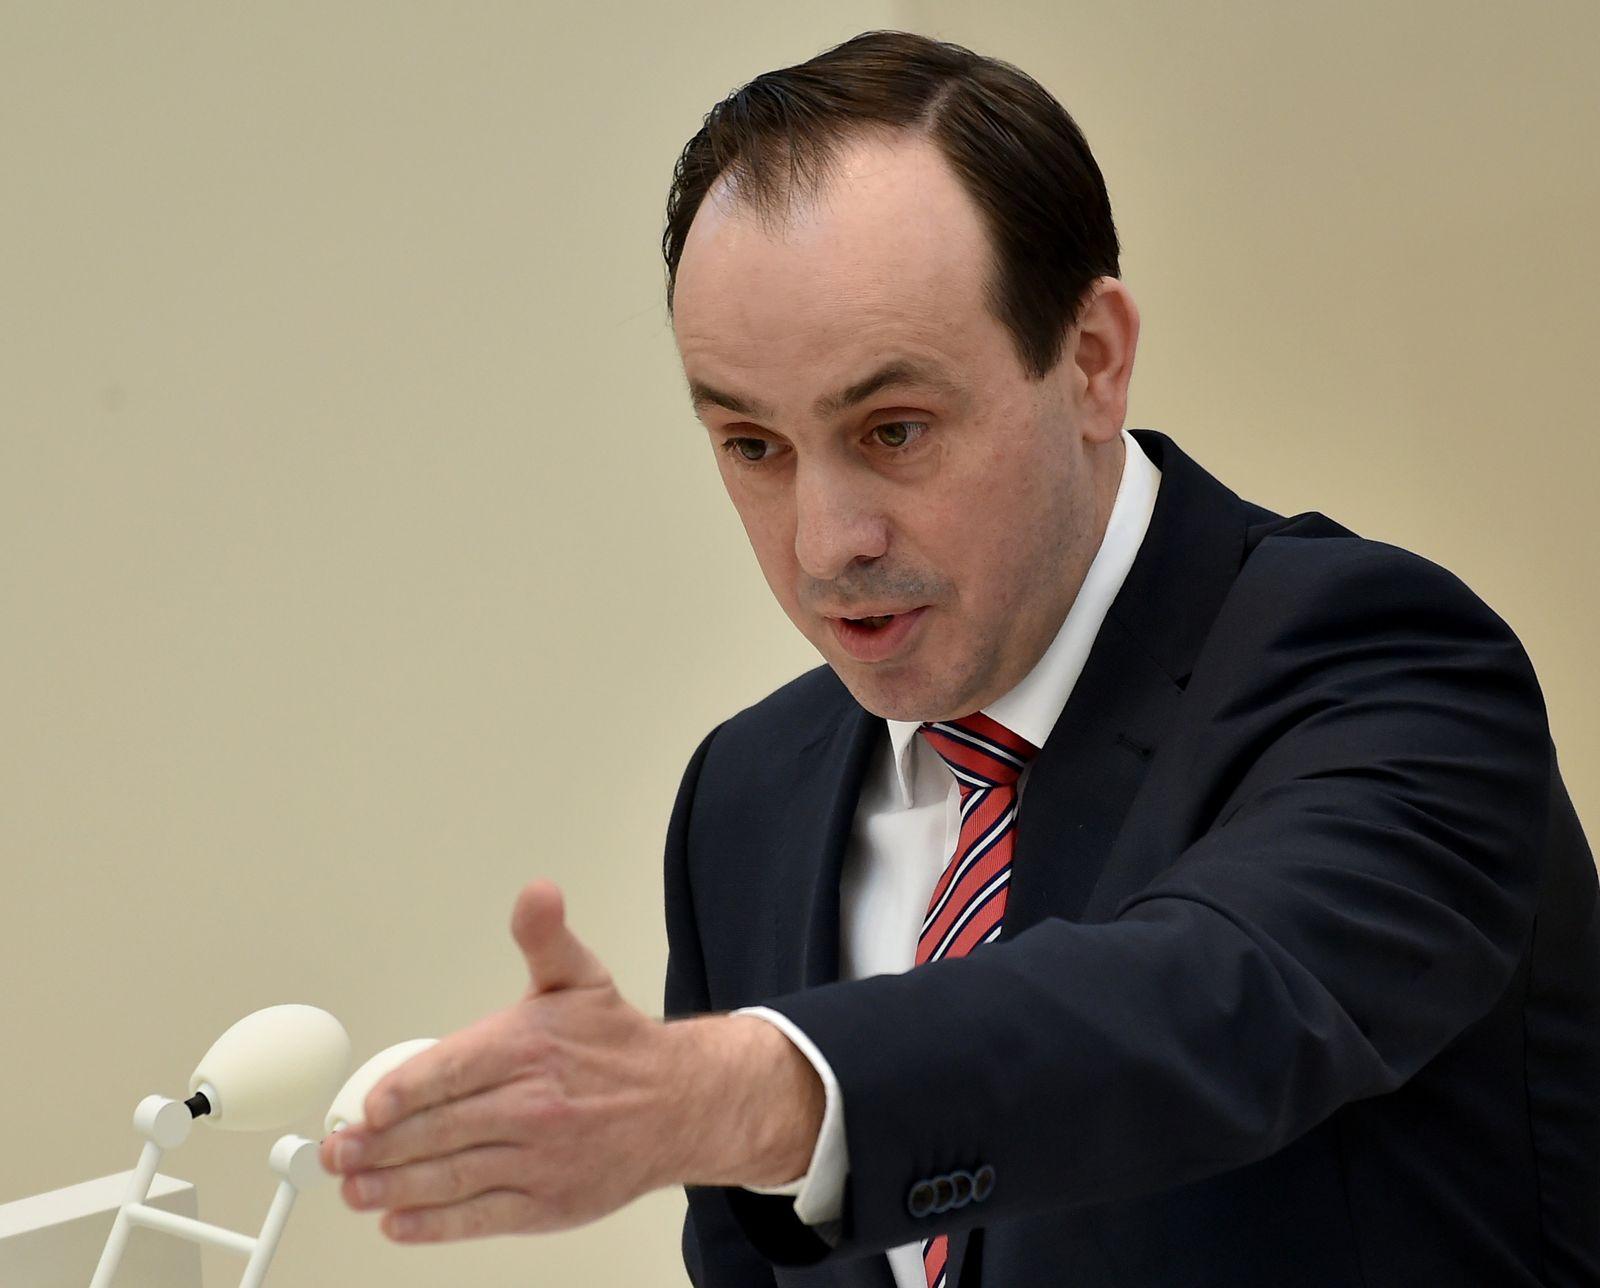 Junge CDU-Politiker/ Senftleben